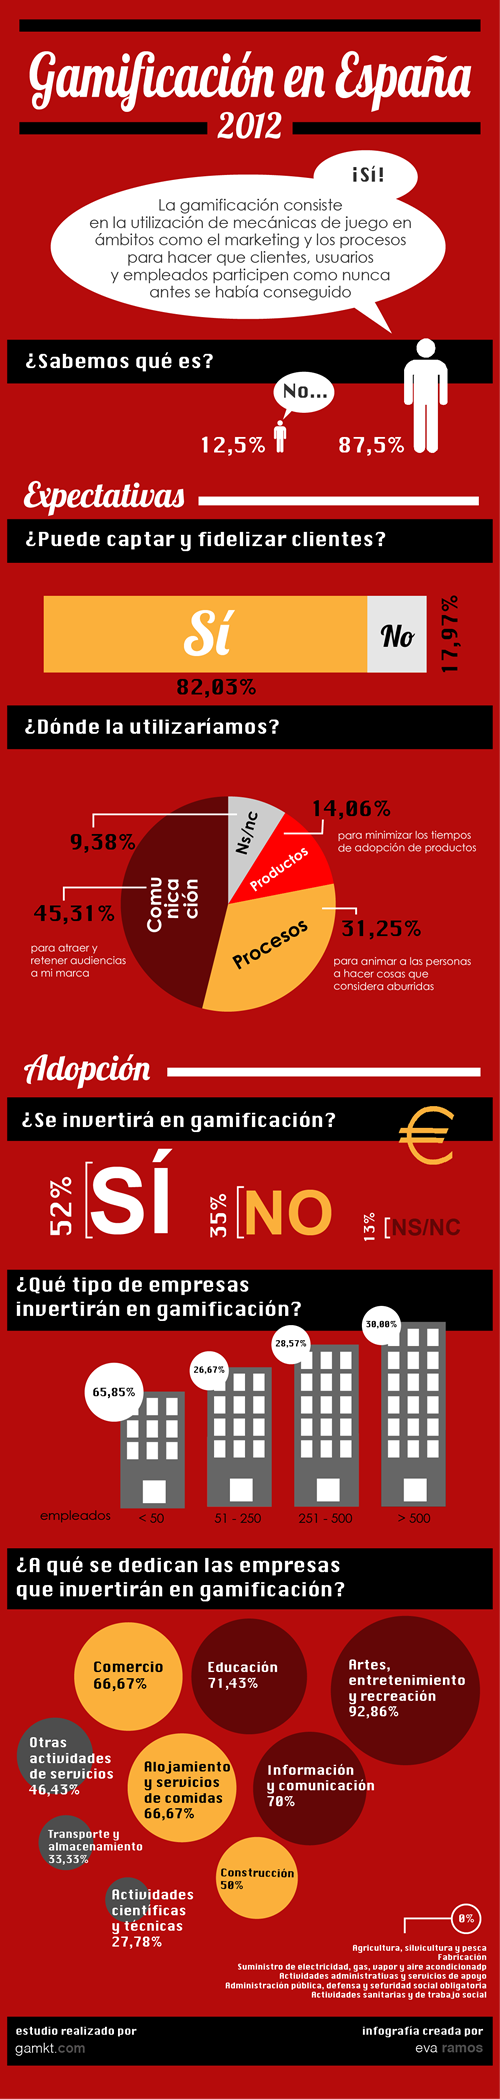 estudio-2012-gamificacion-spanish-version-500px